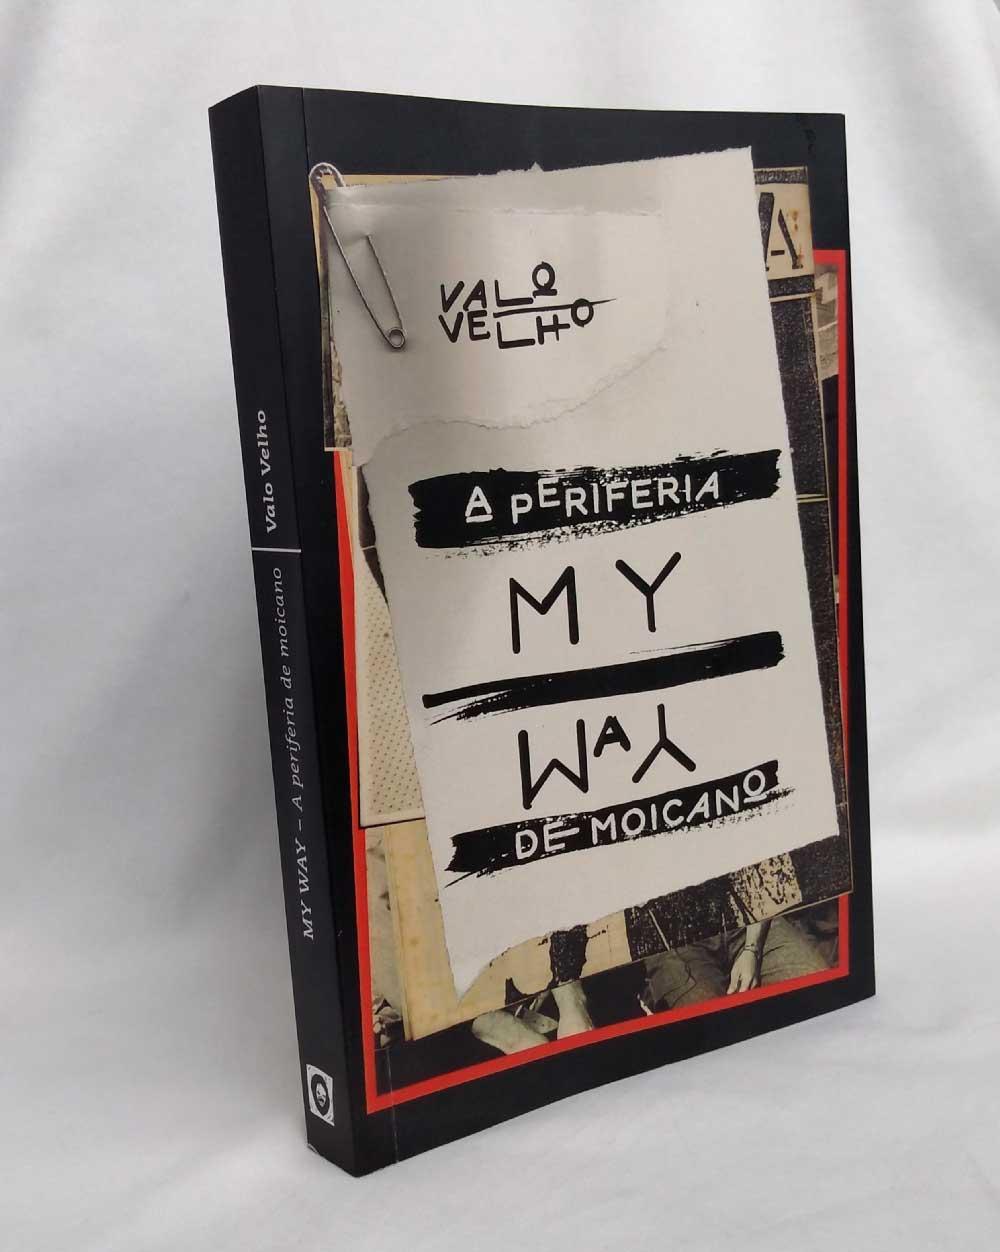 My Way - A Periferia de Moicano